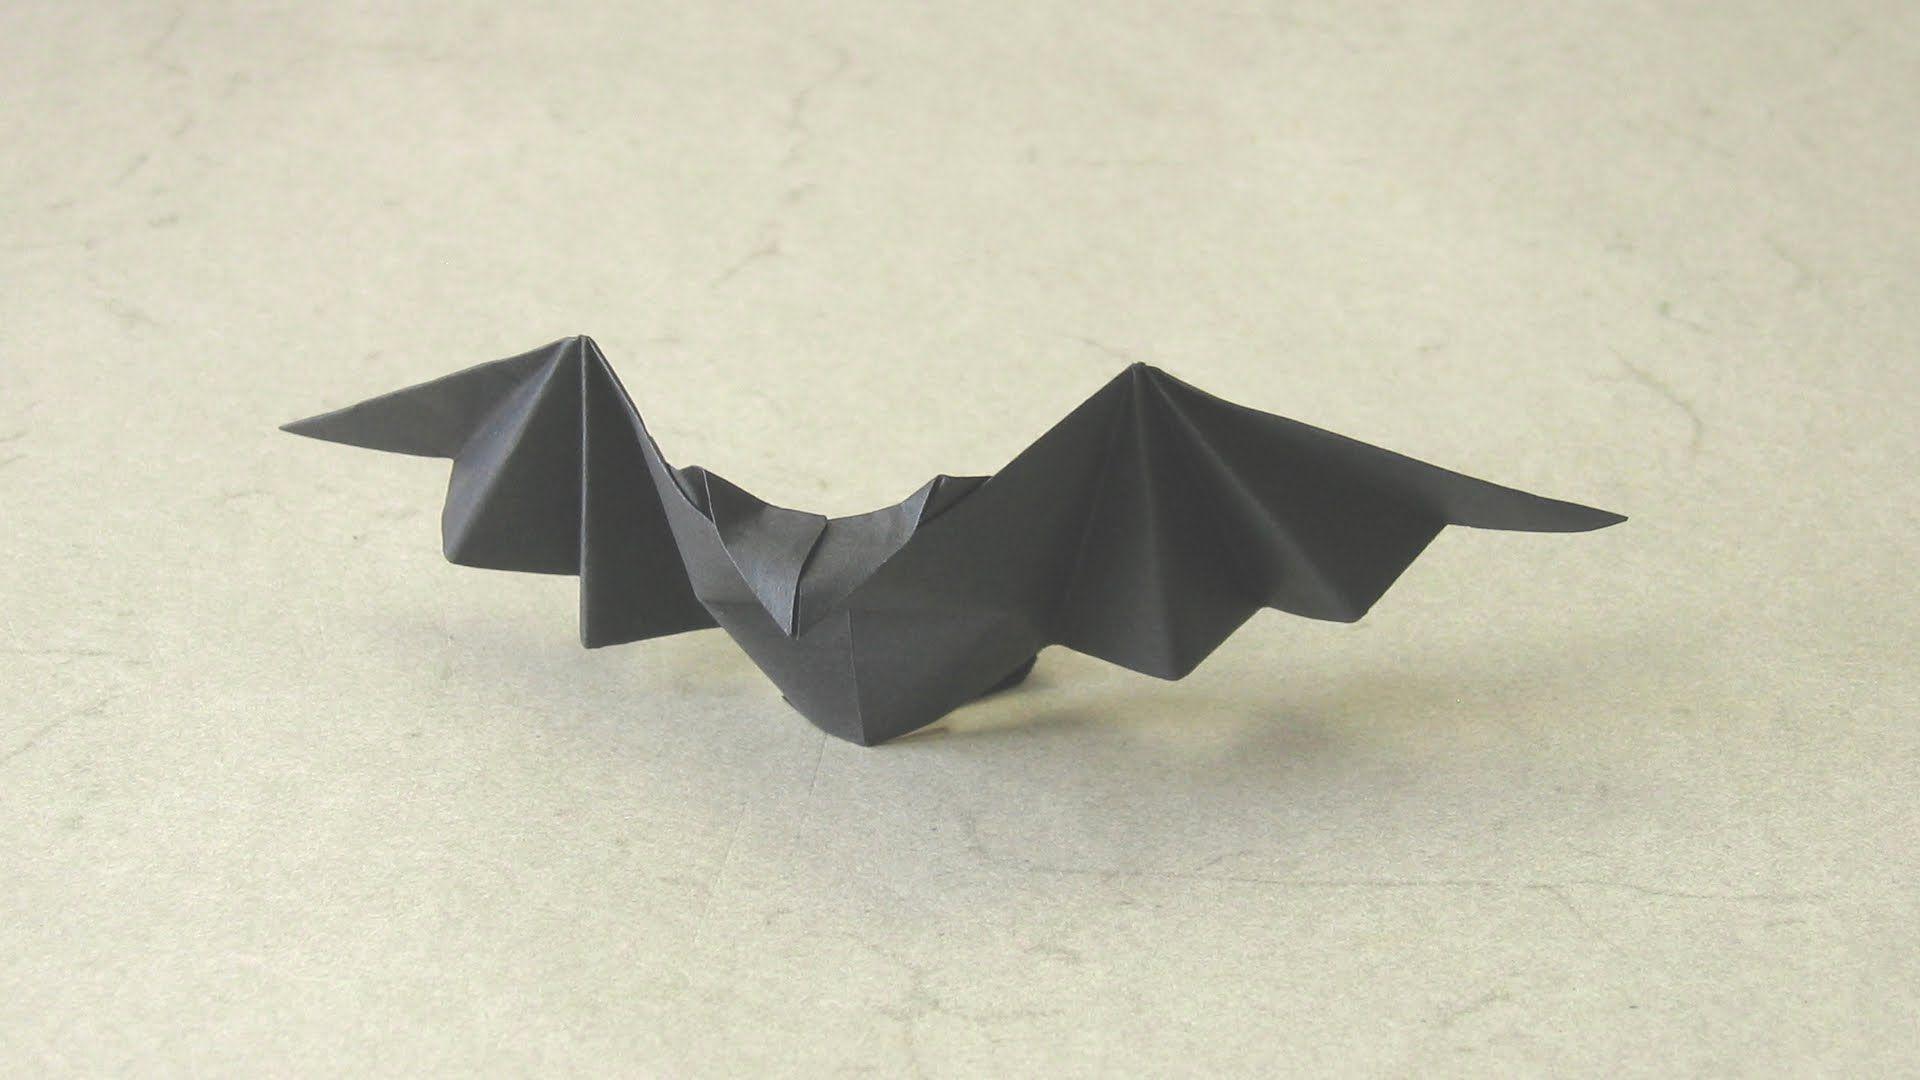 Vidéo Chauve Souris En Origami   Vidéos Origami, Tuto serapportantà Origami Chauve Souris